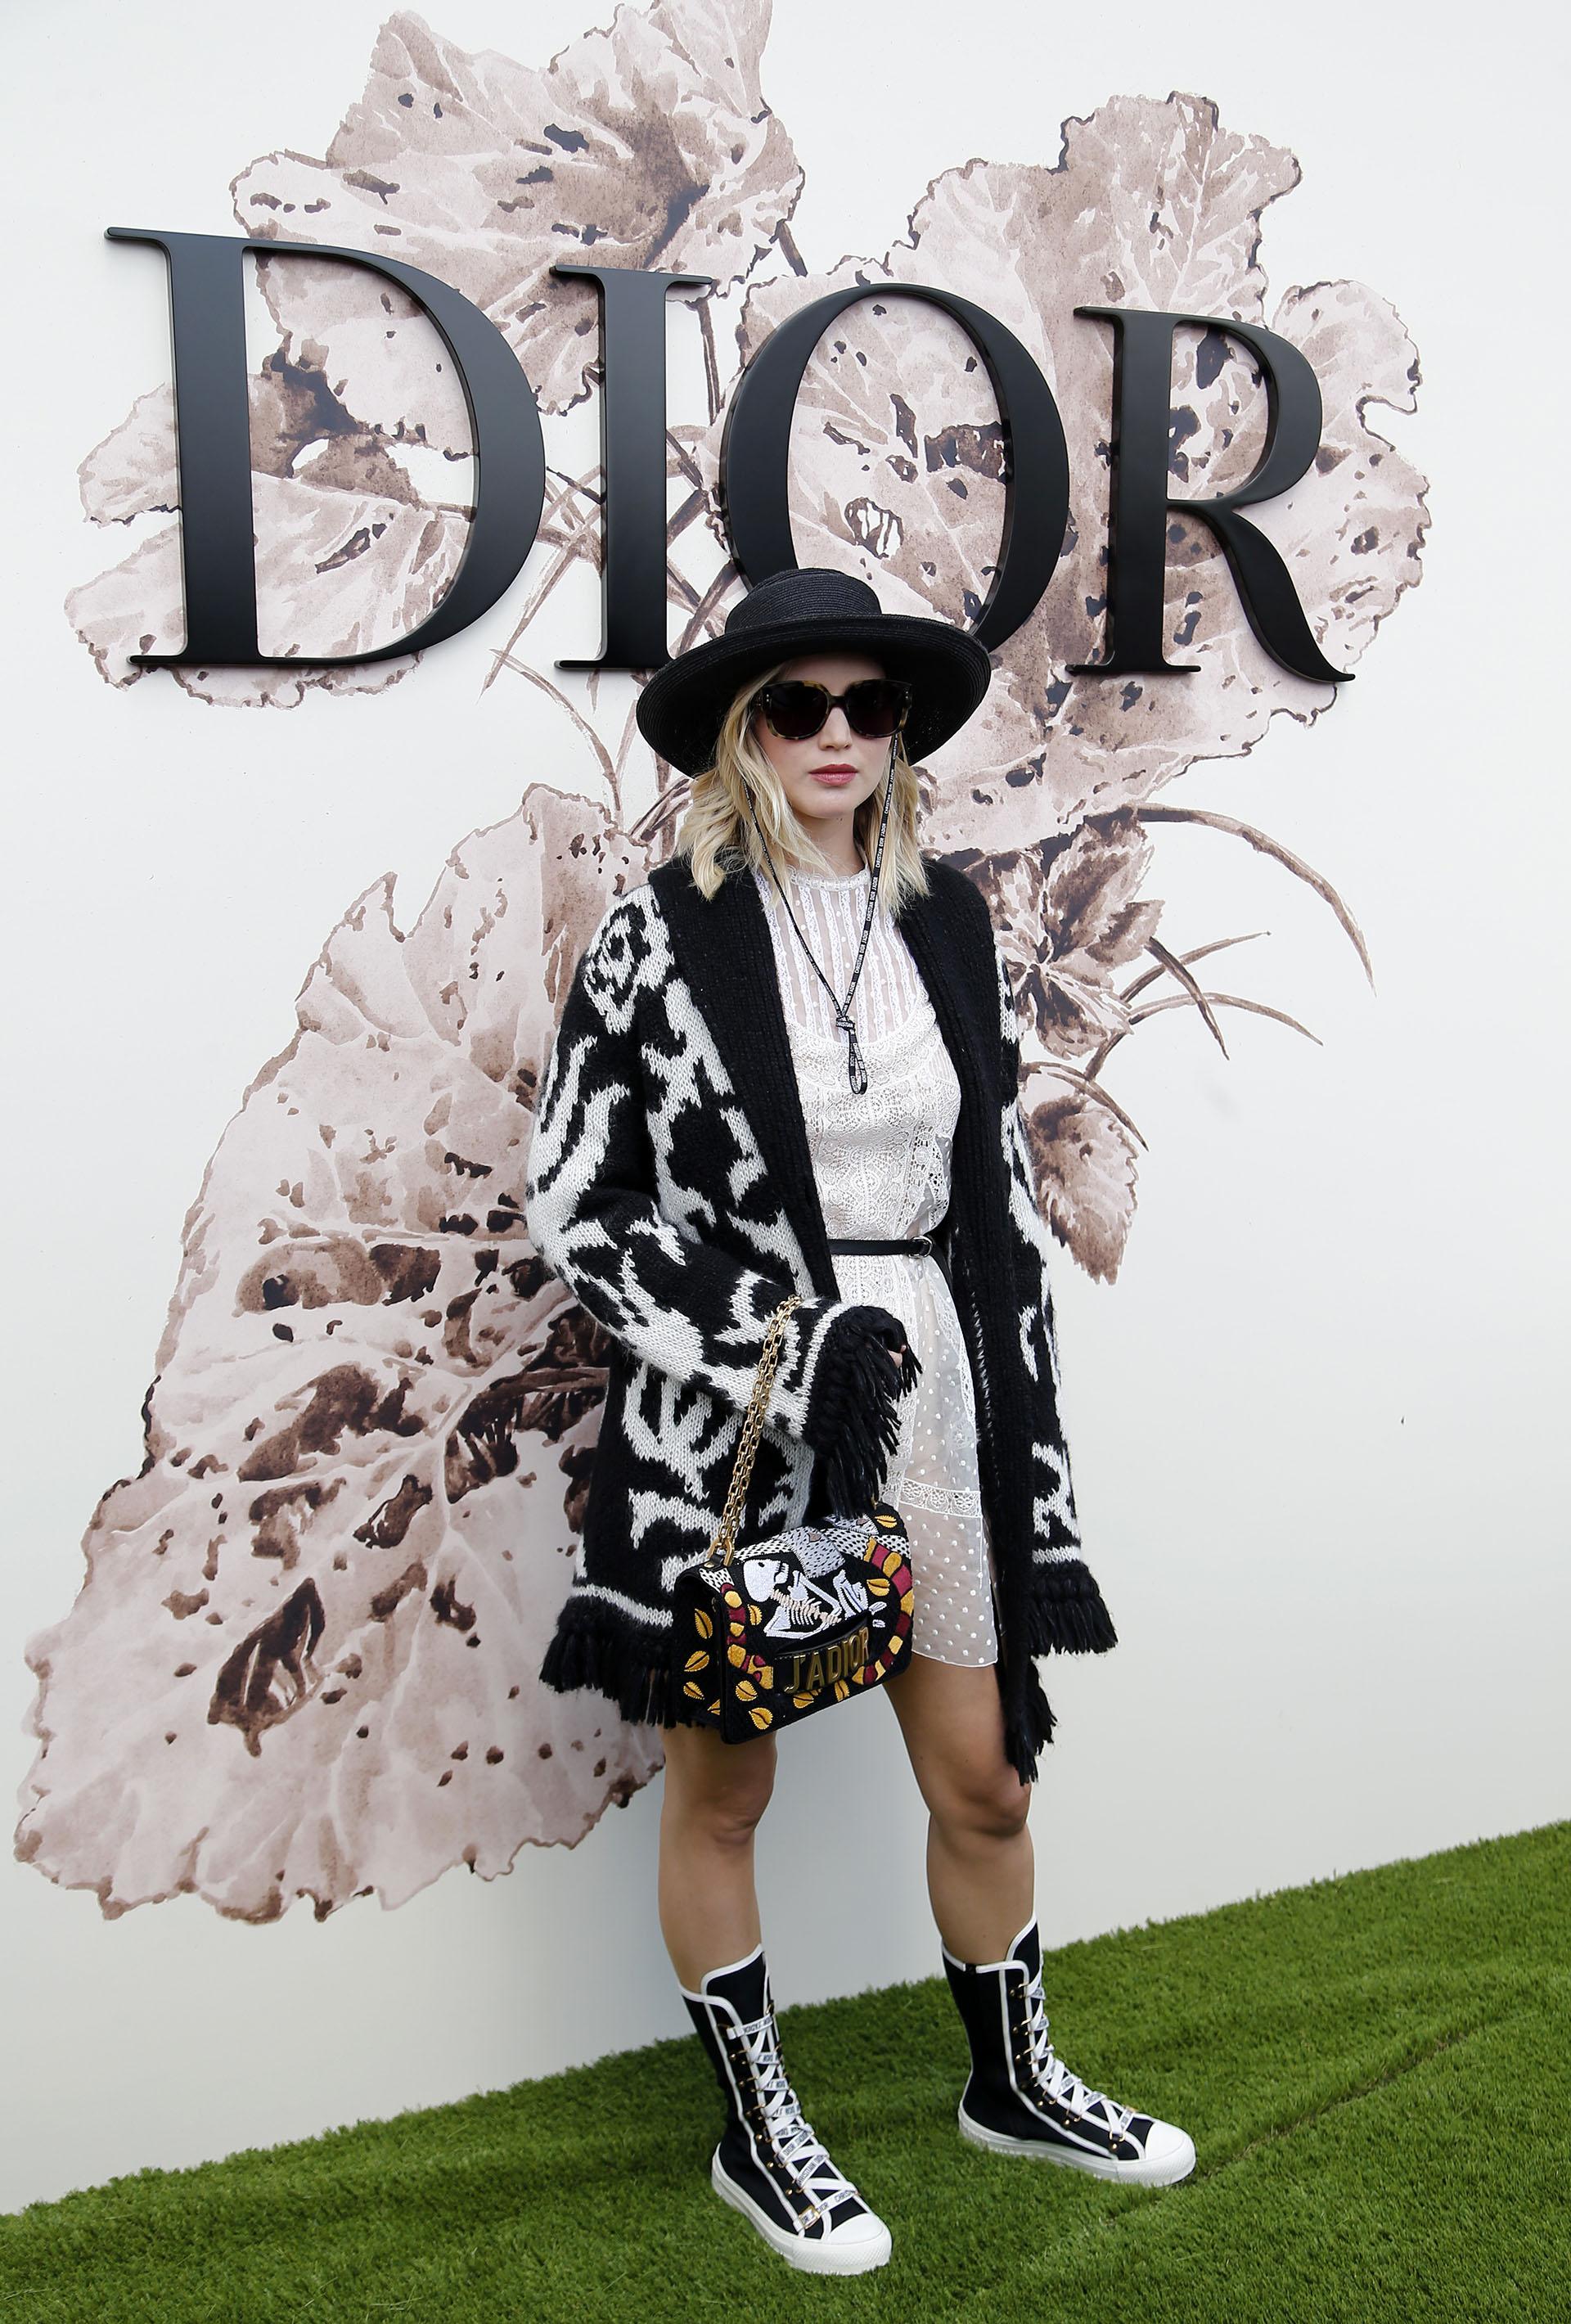 La actrizJennifer Lawrence optó por un look más casual vestido blanco de encaje abrigo de lana y accesorios Dior (AP Photo/Thibault Camus)